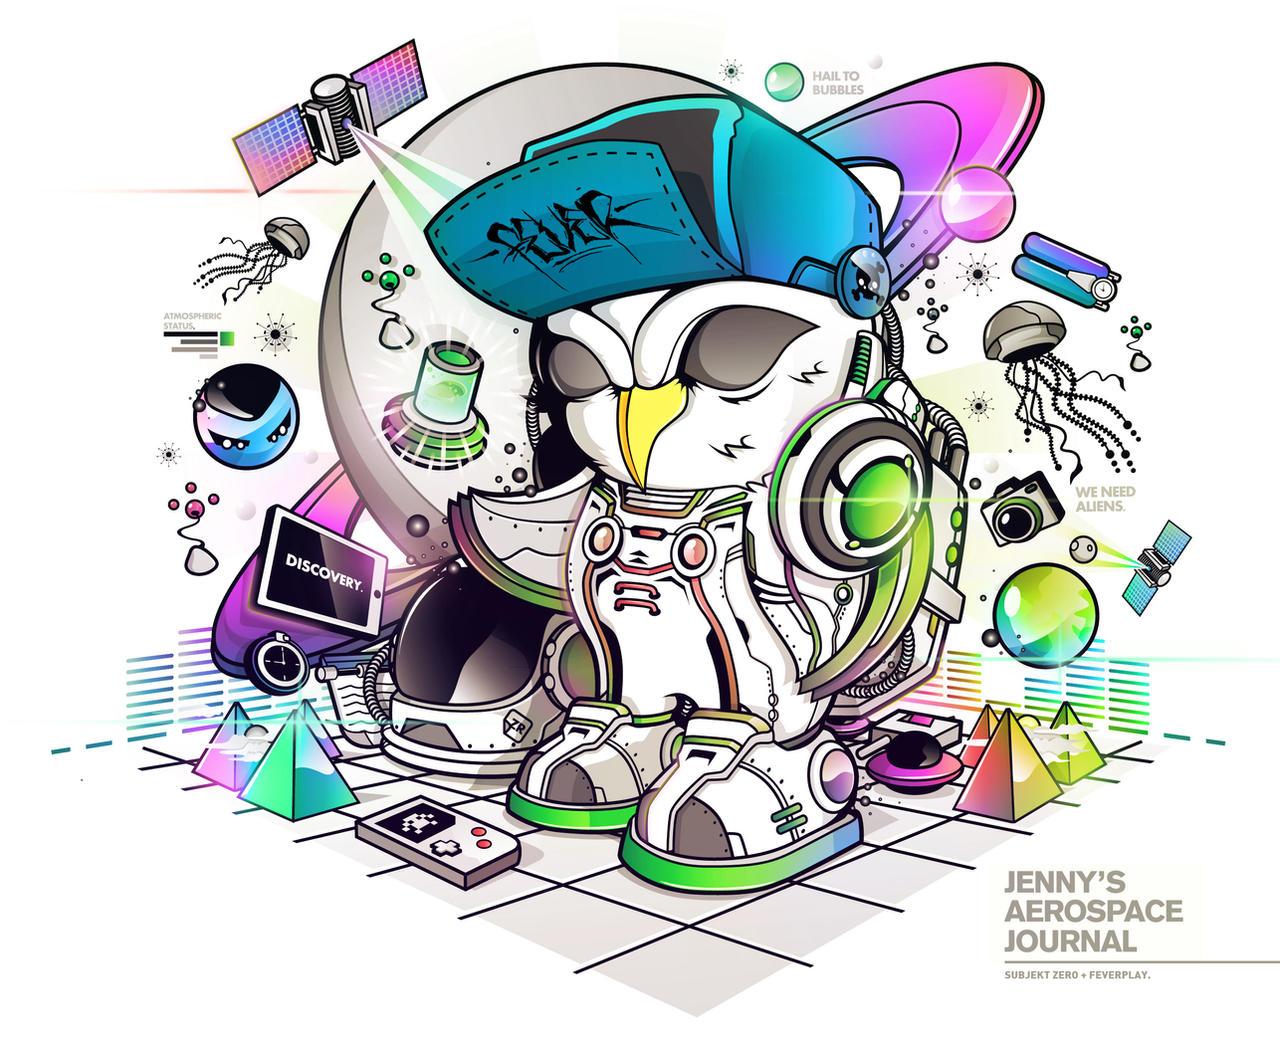 Jenny's Aerospace Journal by SubjektZero